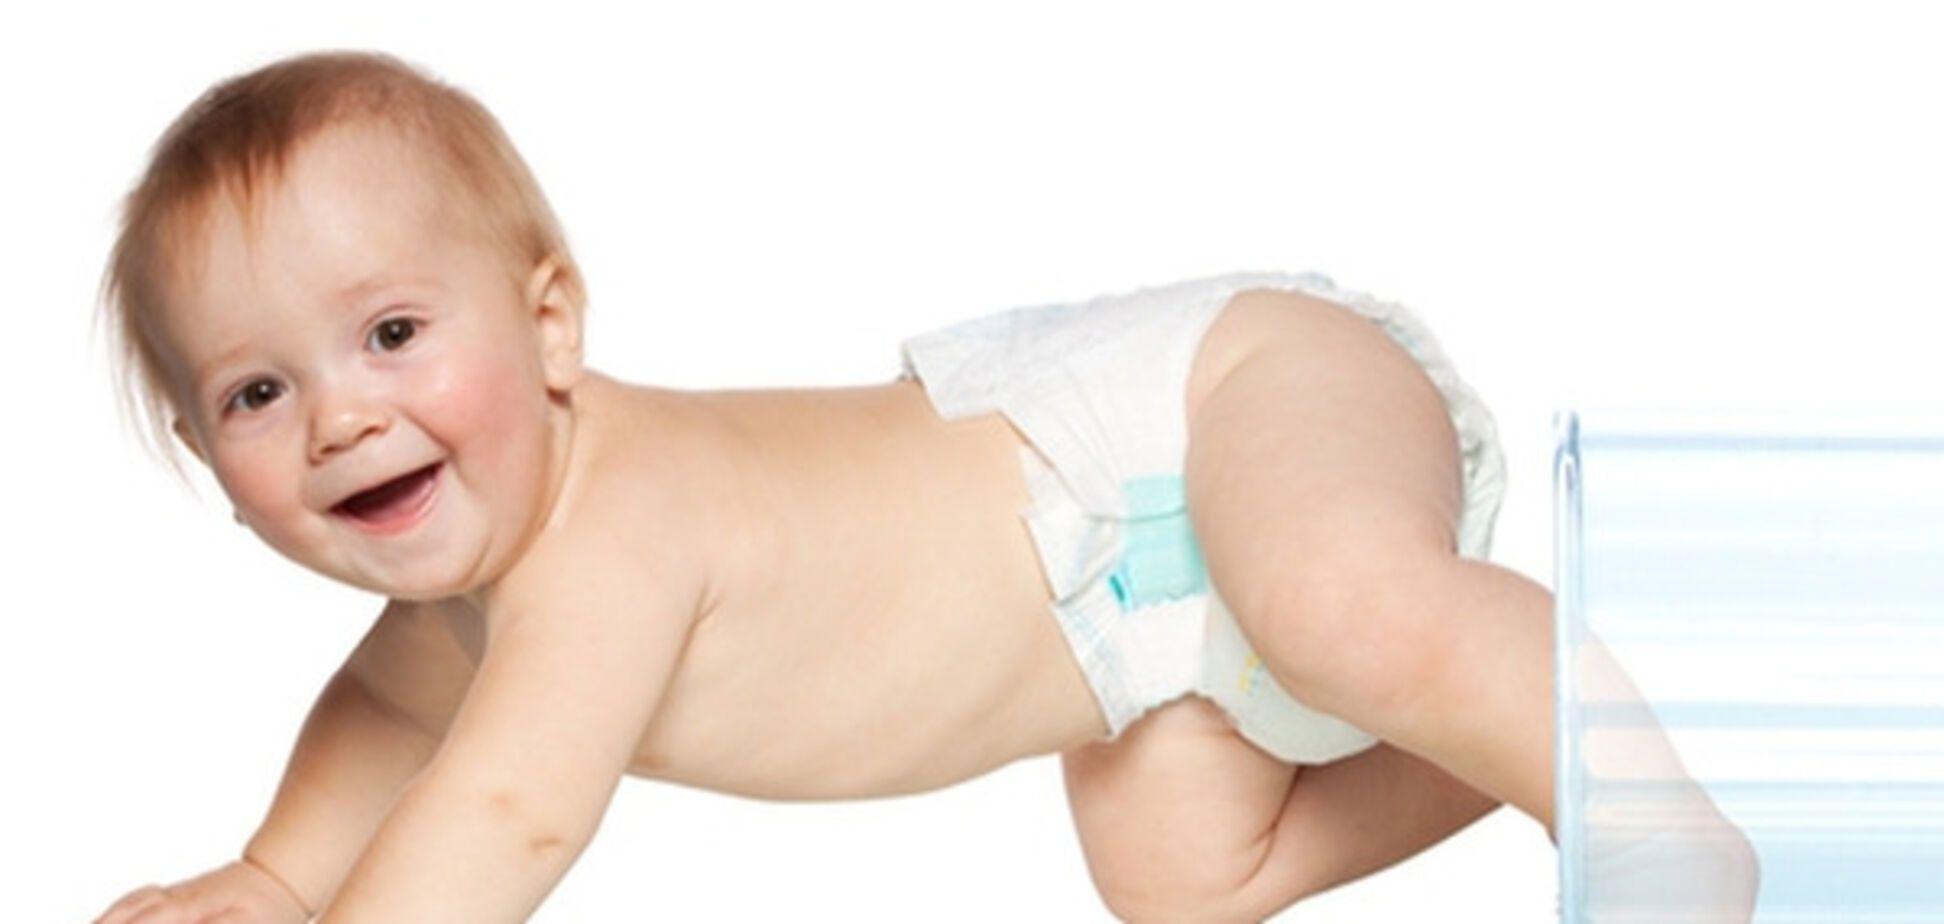 Вчені з'ясували, як штучне запліднення впливає на здоров'я дитини